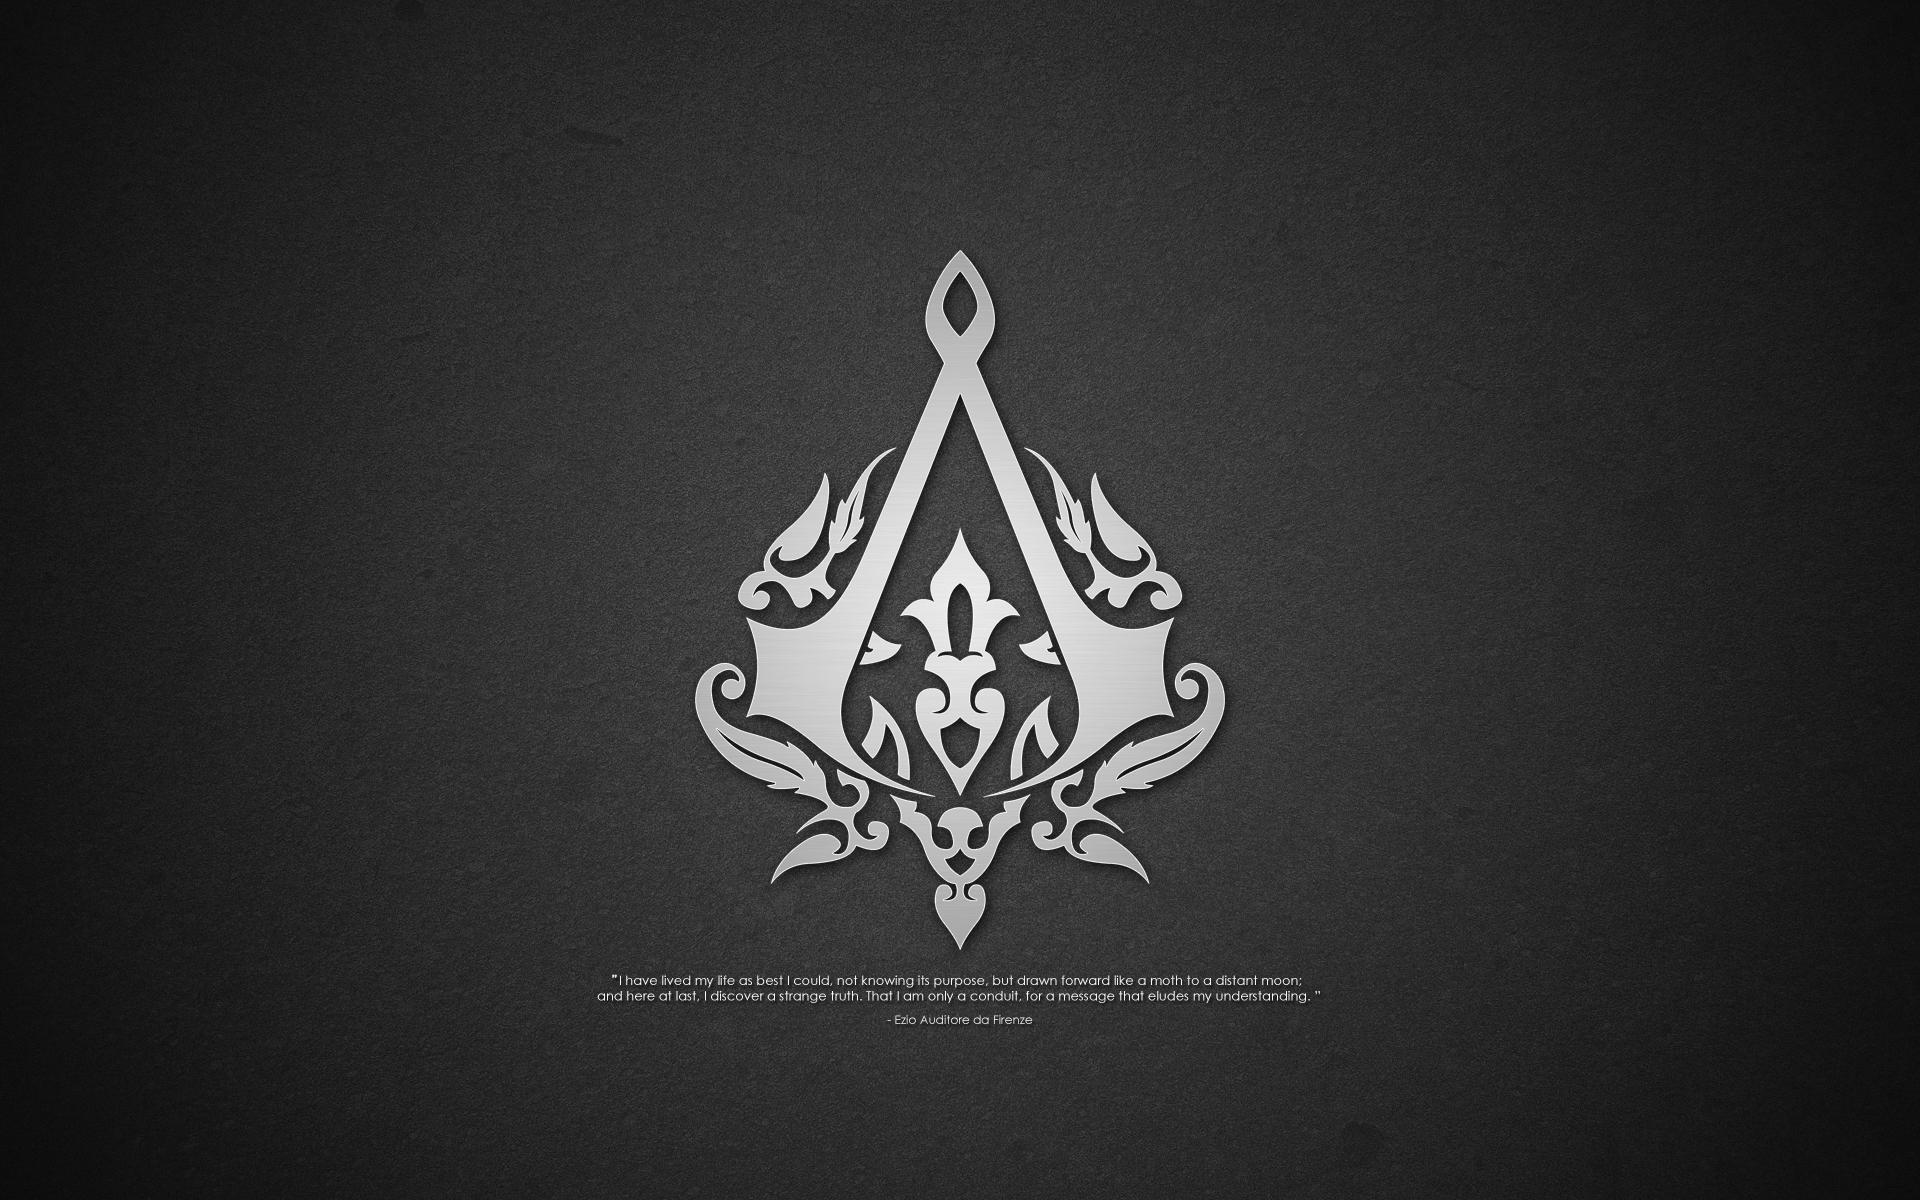 assassins-creed-logo-wallpaperassassins-creed--revelations-wallpaper ...